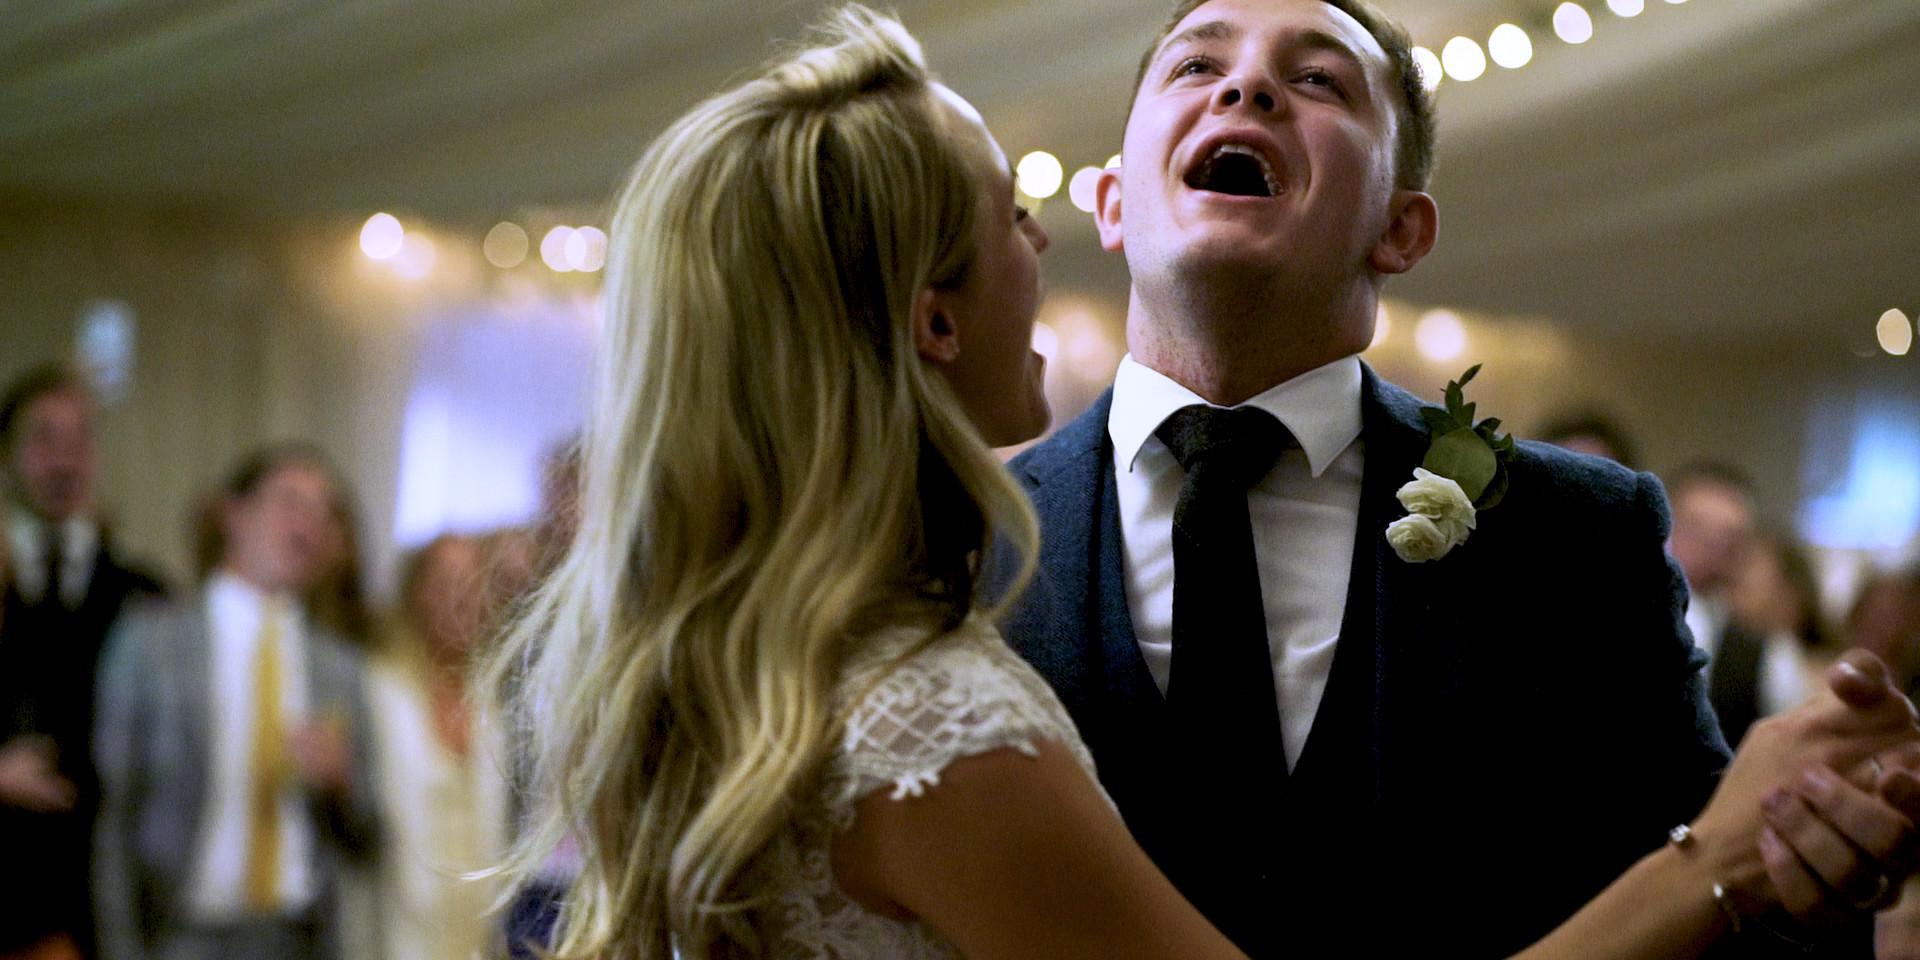 Wedding-ShortFilm.00_09_51_27.Still010.j